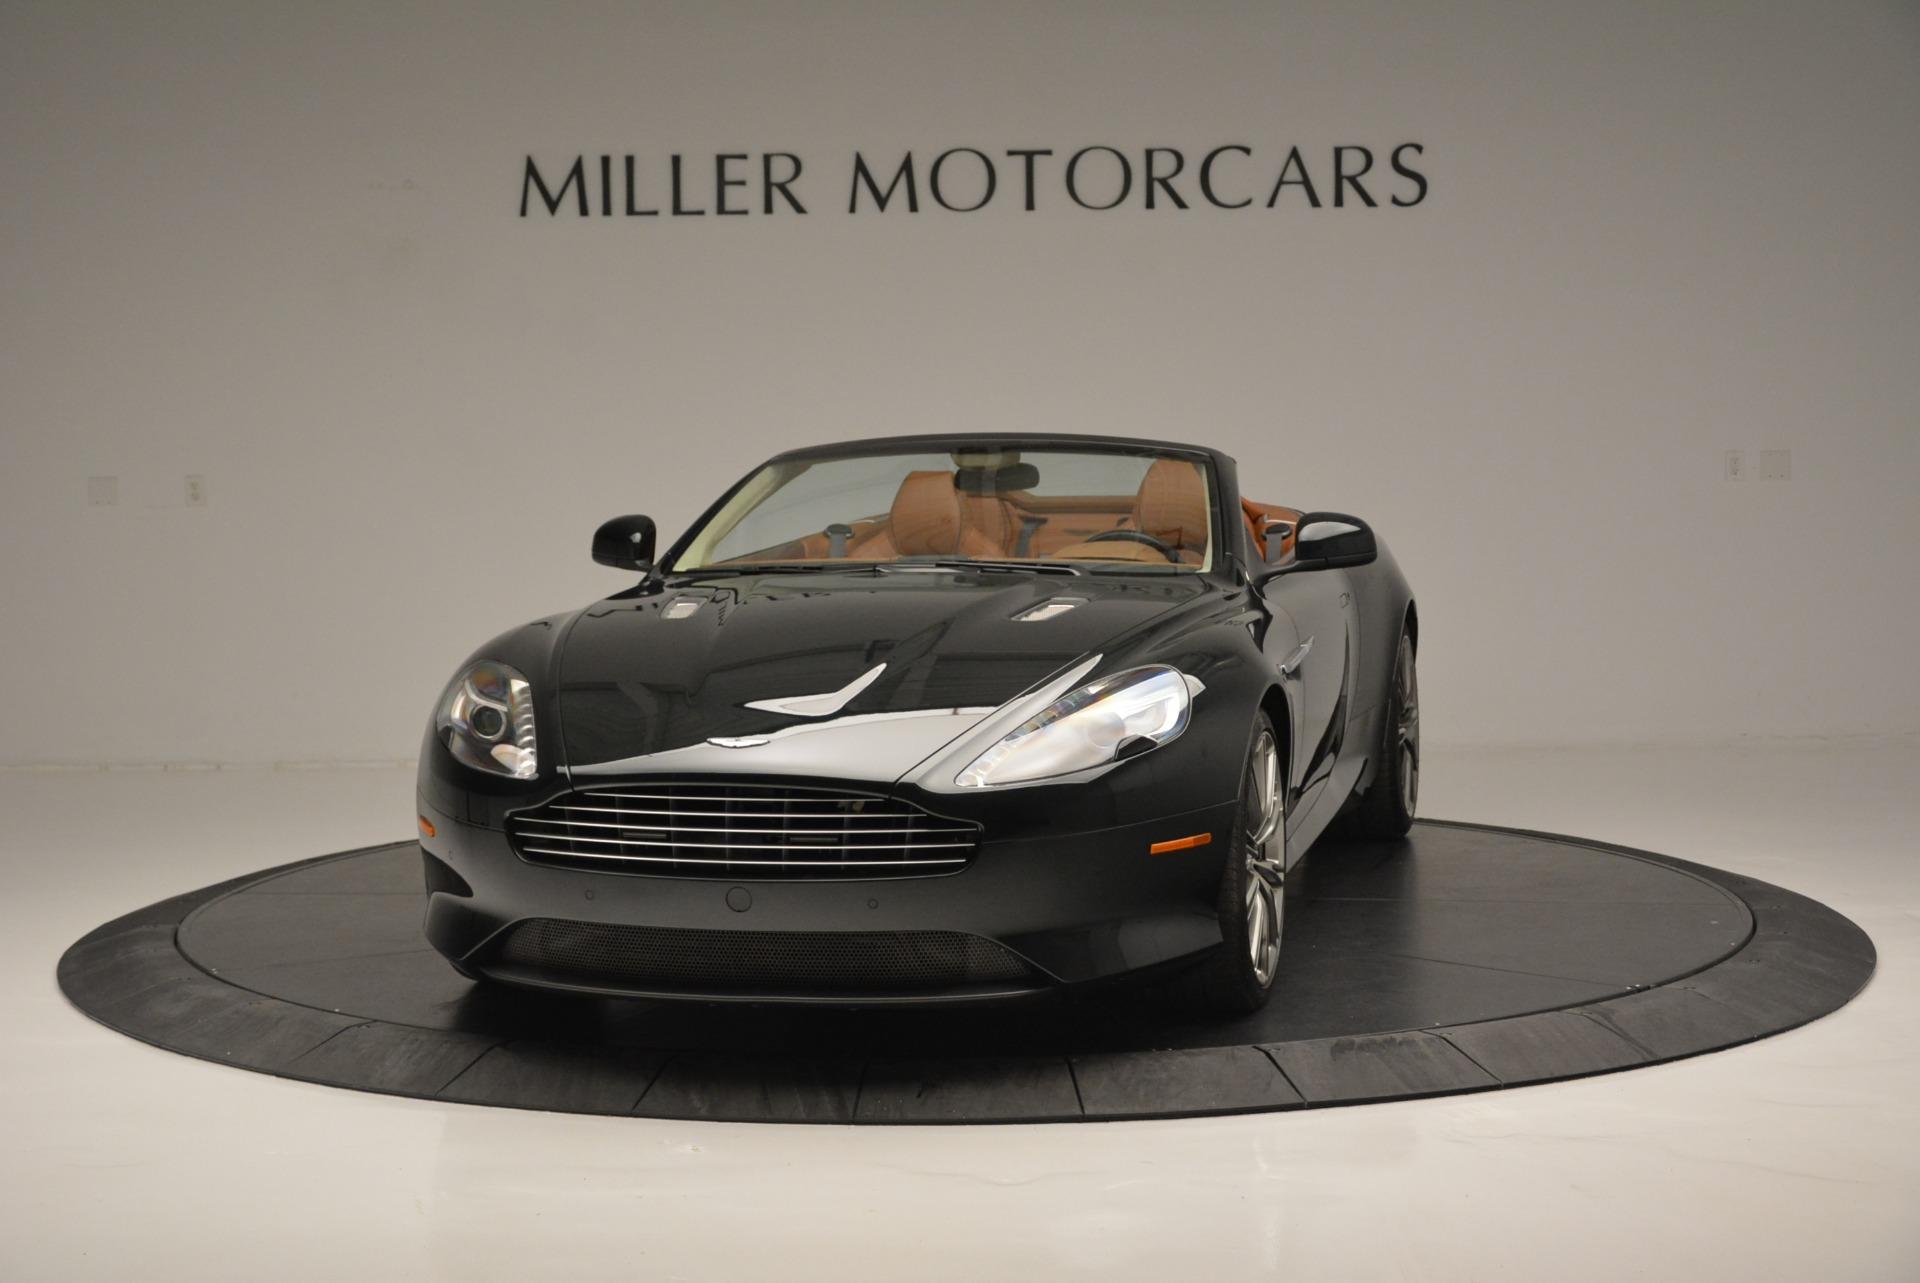 Used 2012 Aston Martin Virage Volante for sale Sold at Bugatti of Greenwich in Greenwich CT 06830 1